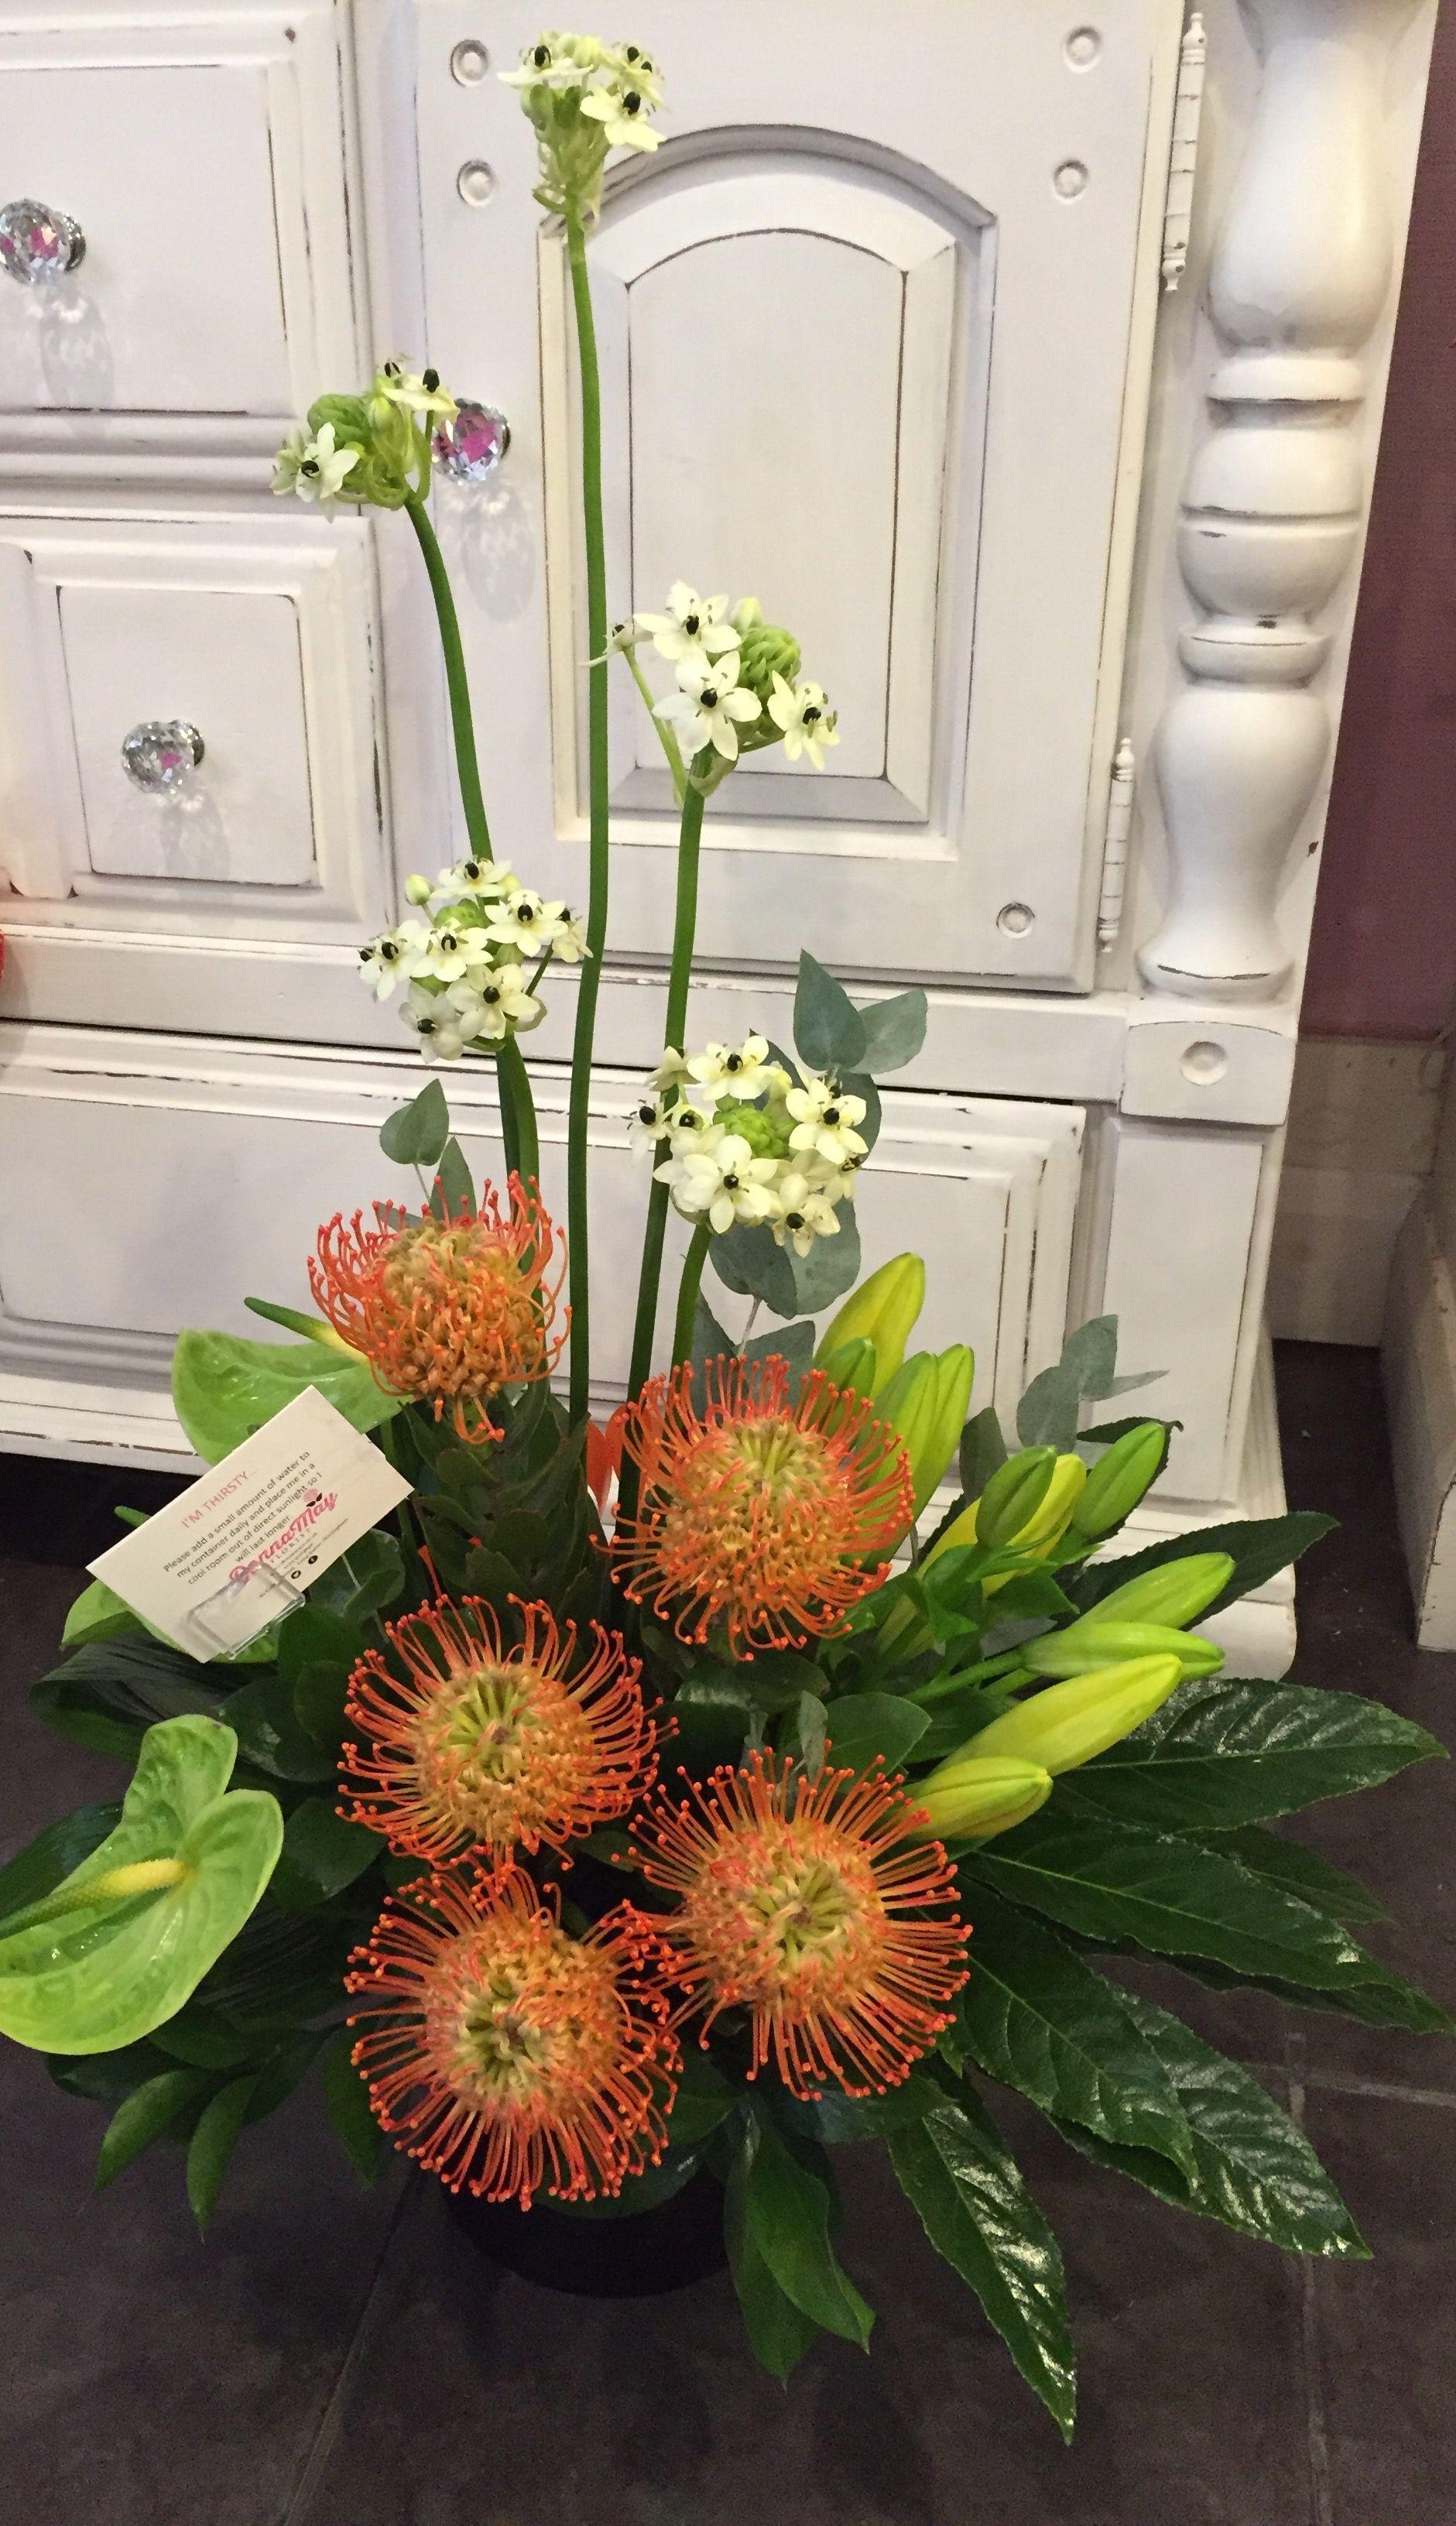 Proteas Arranjos De Flores Tropicais Arranjos De Flores Arranjos De Flores Naturais